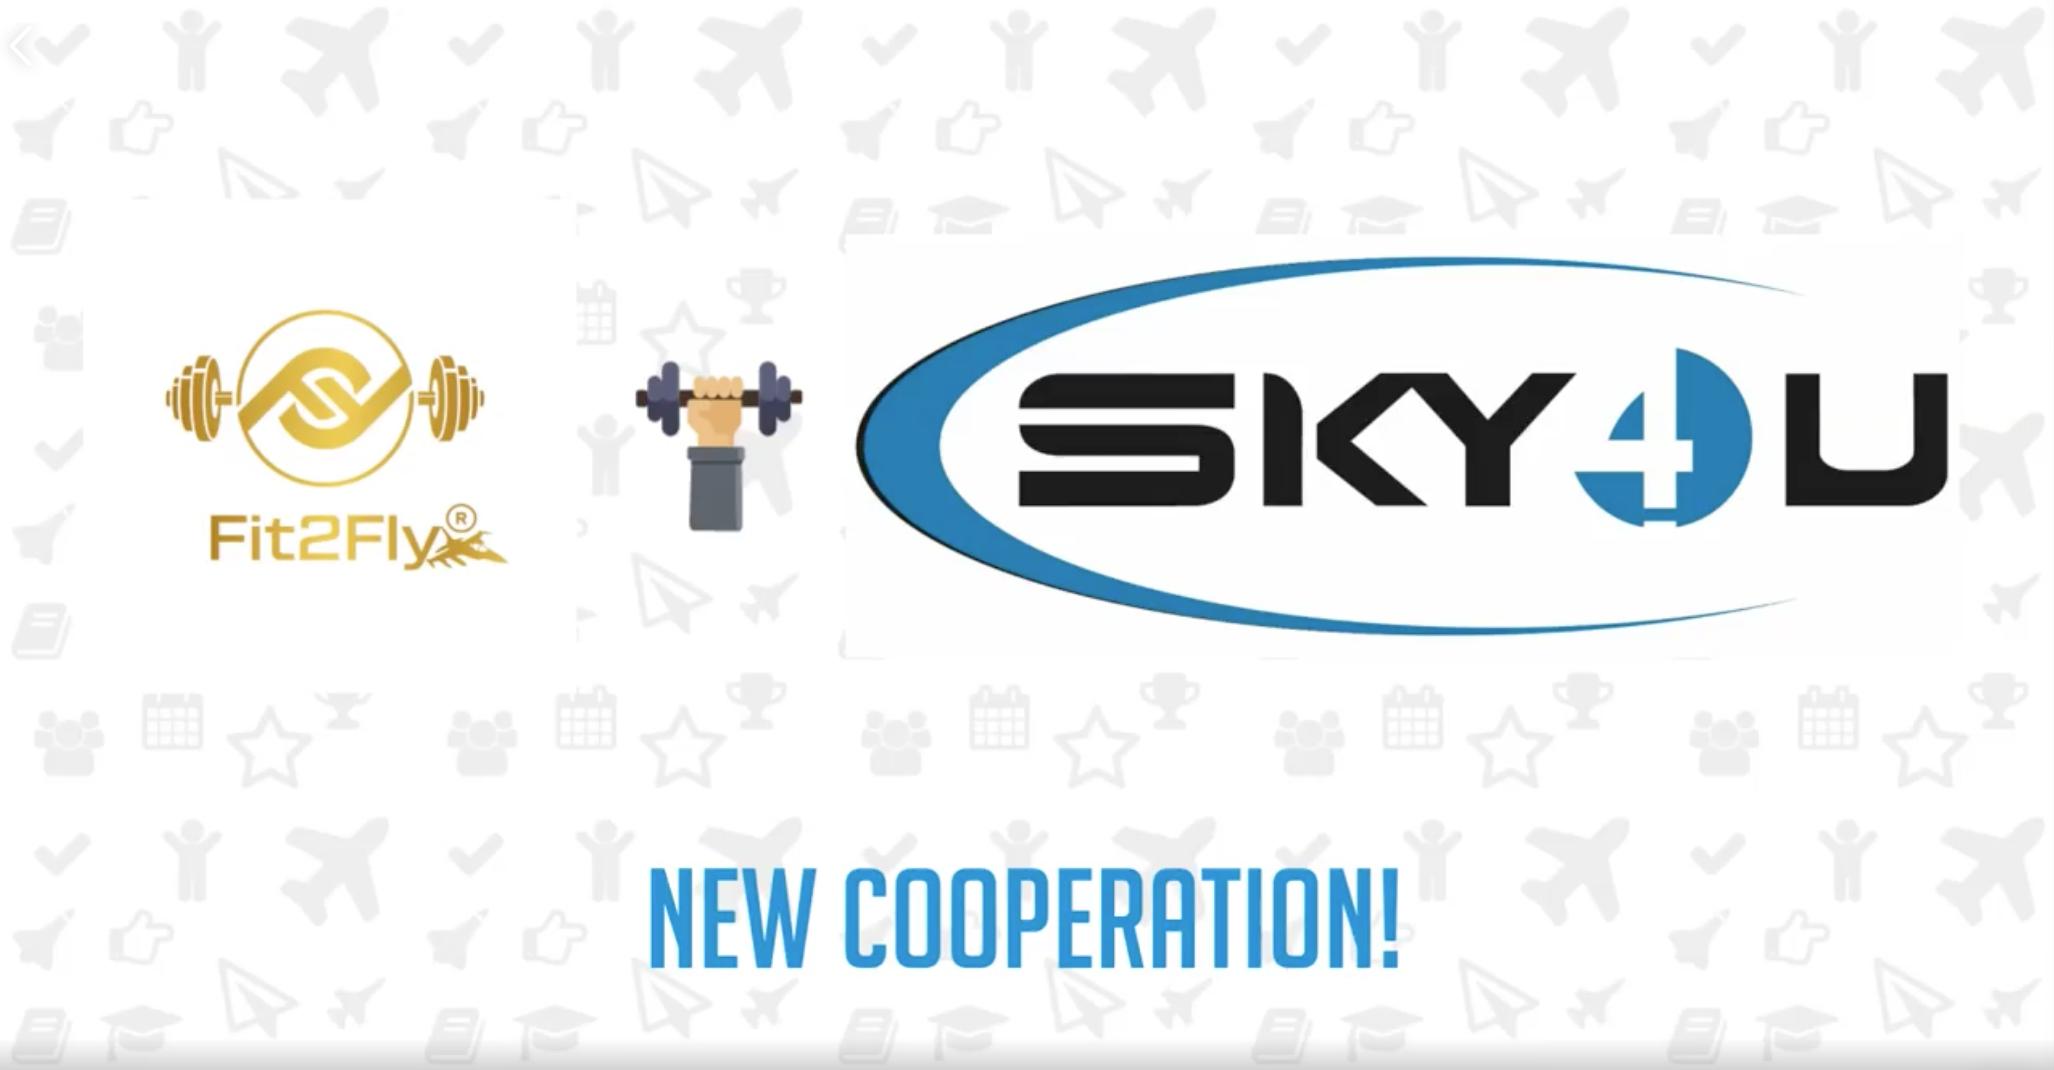 SKY4u-Fit2Fly-coop